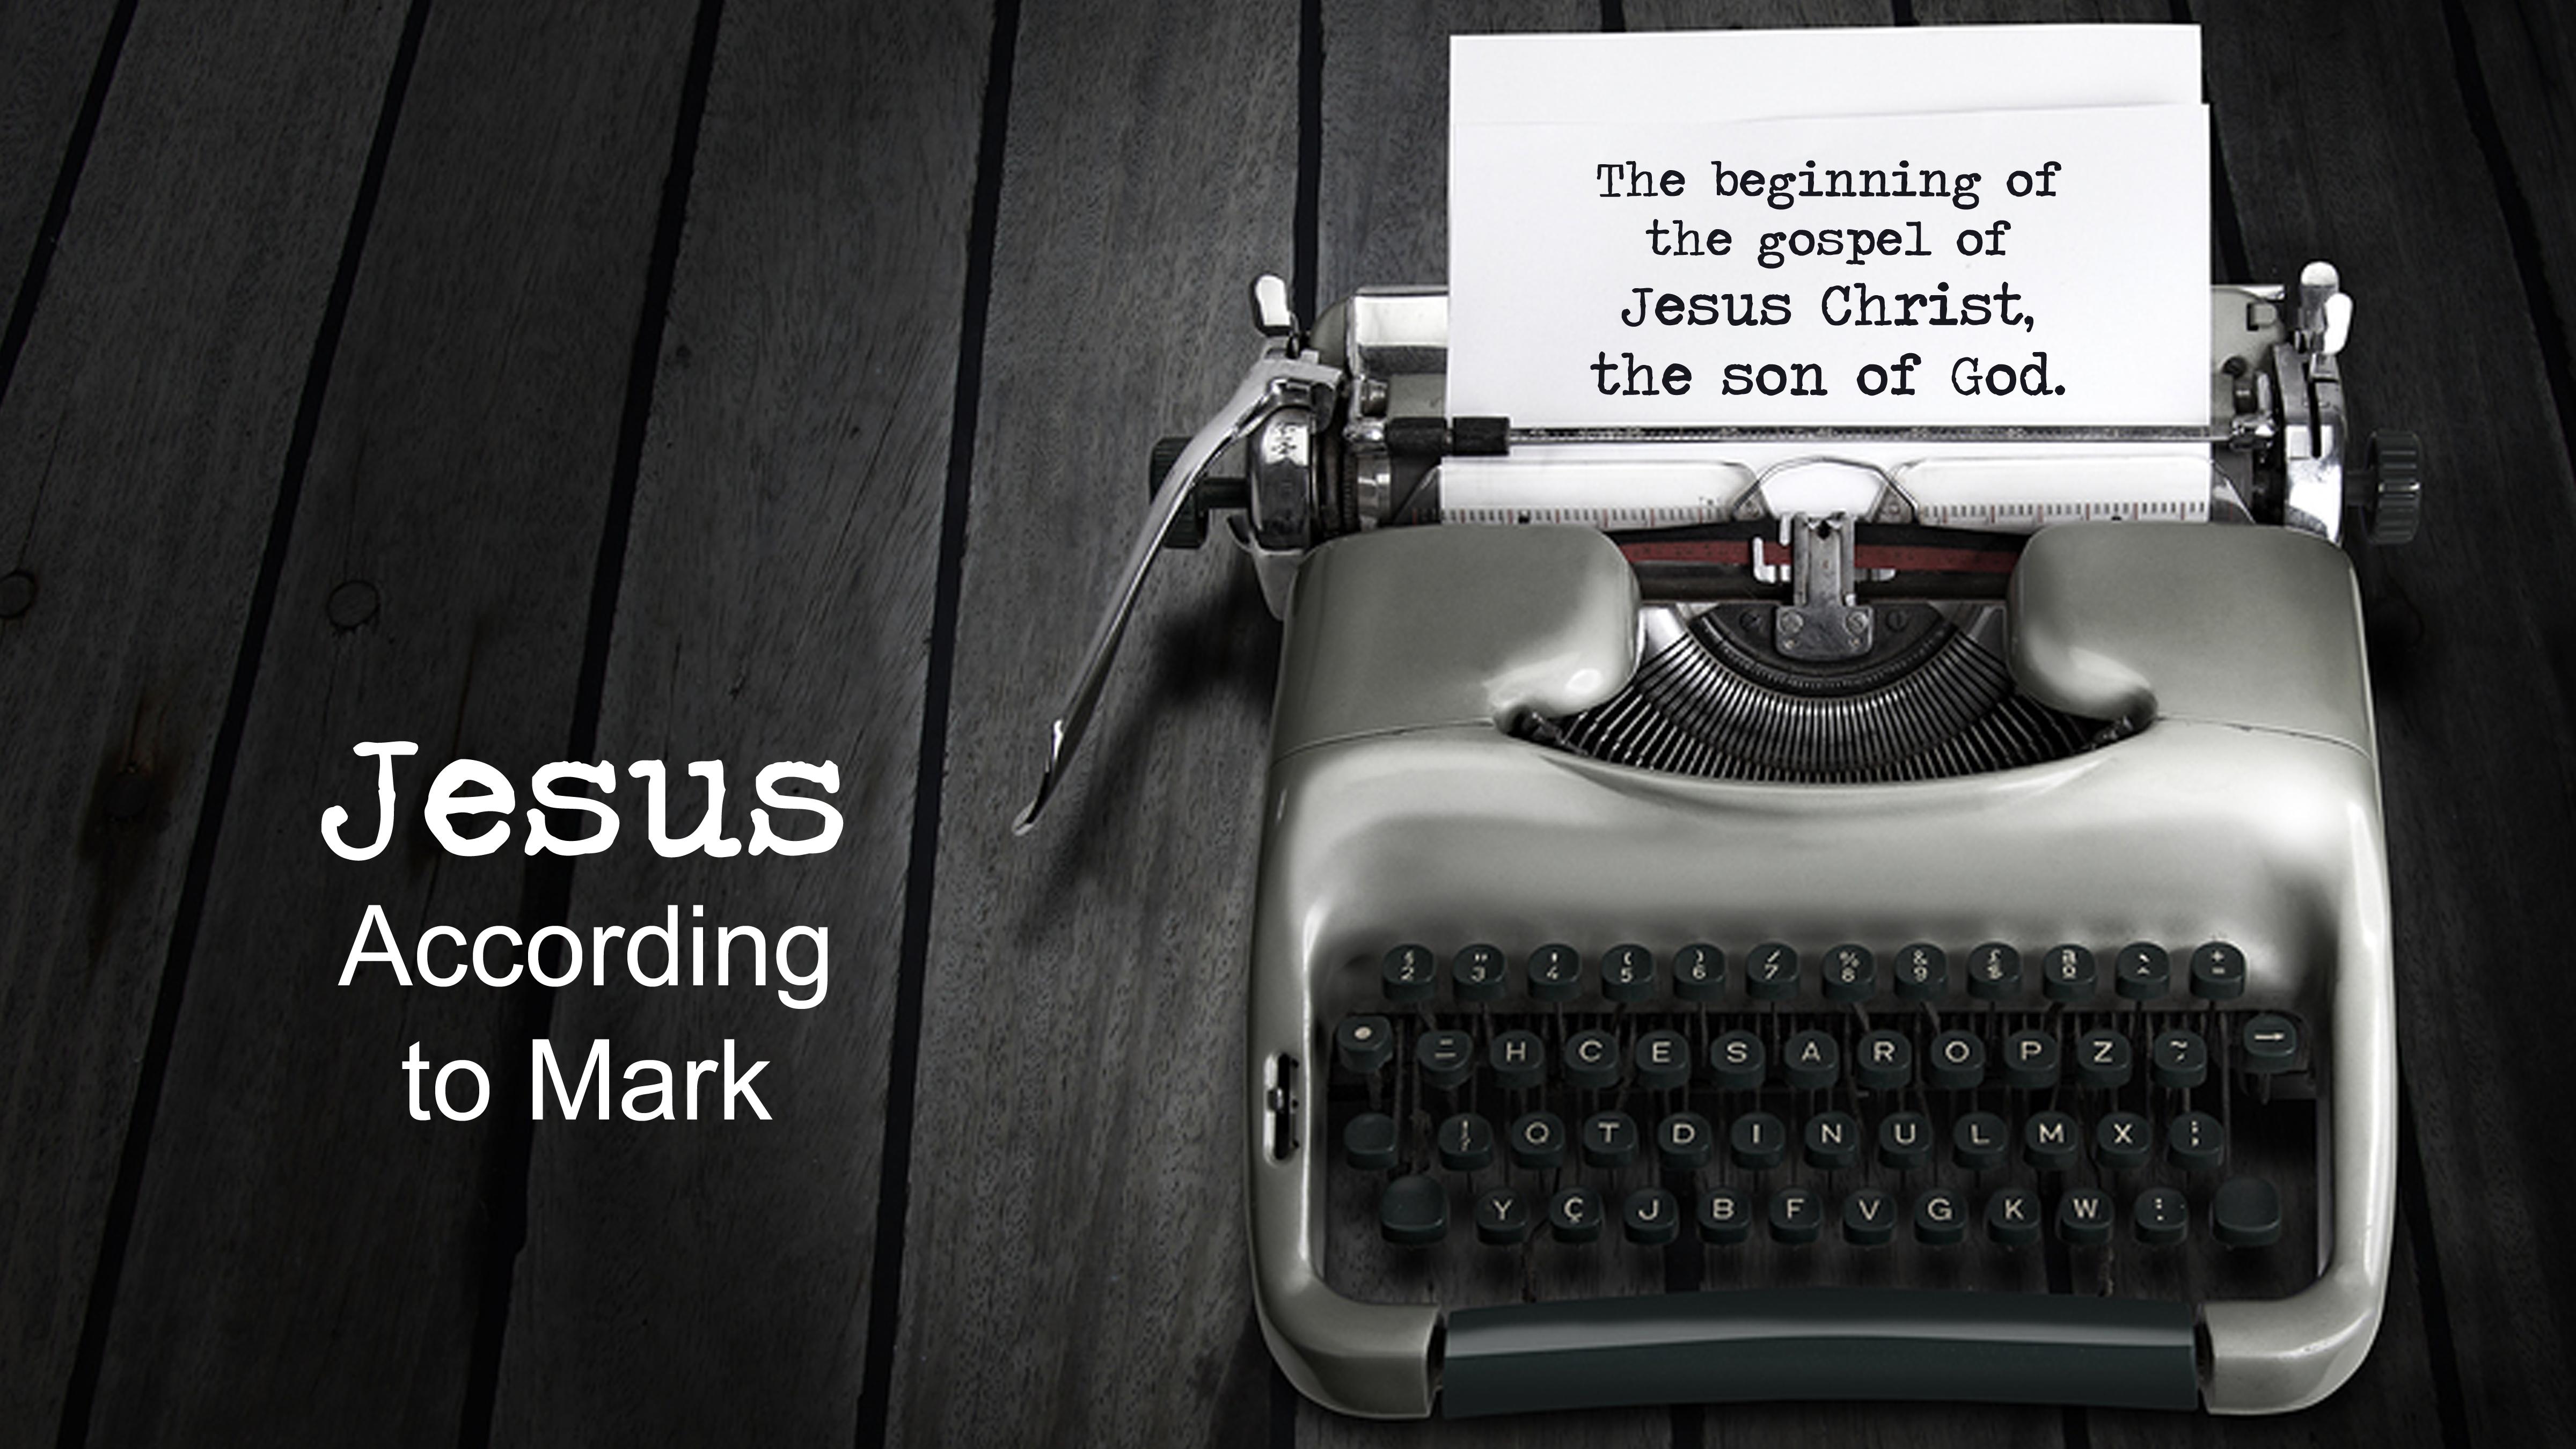 Mark 9:42-50